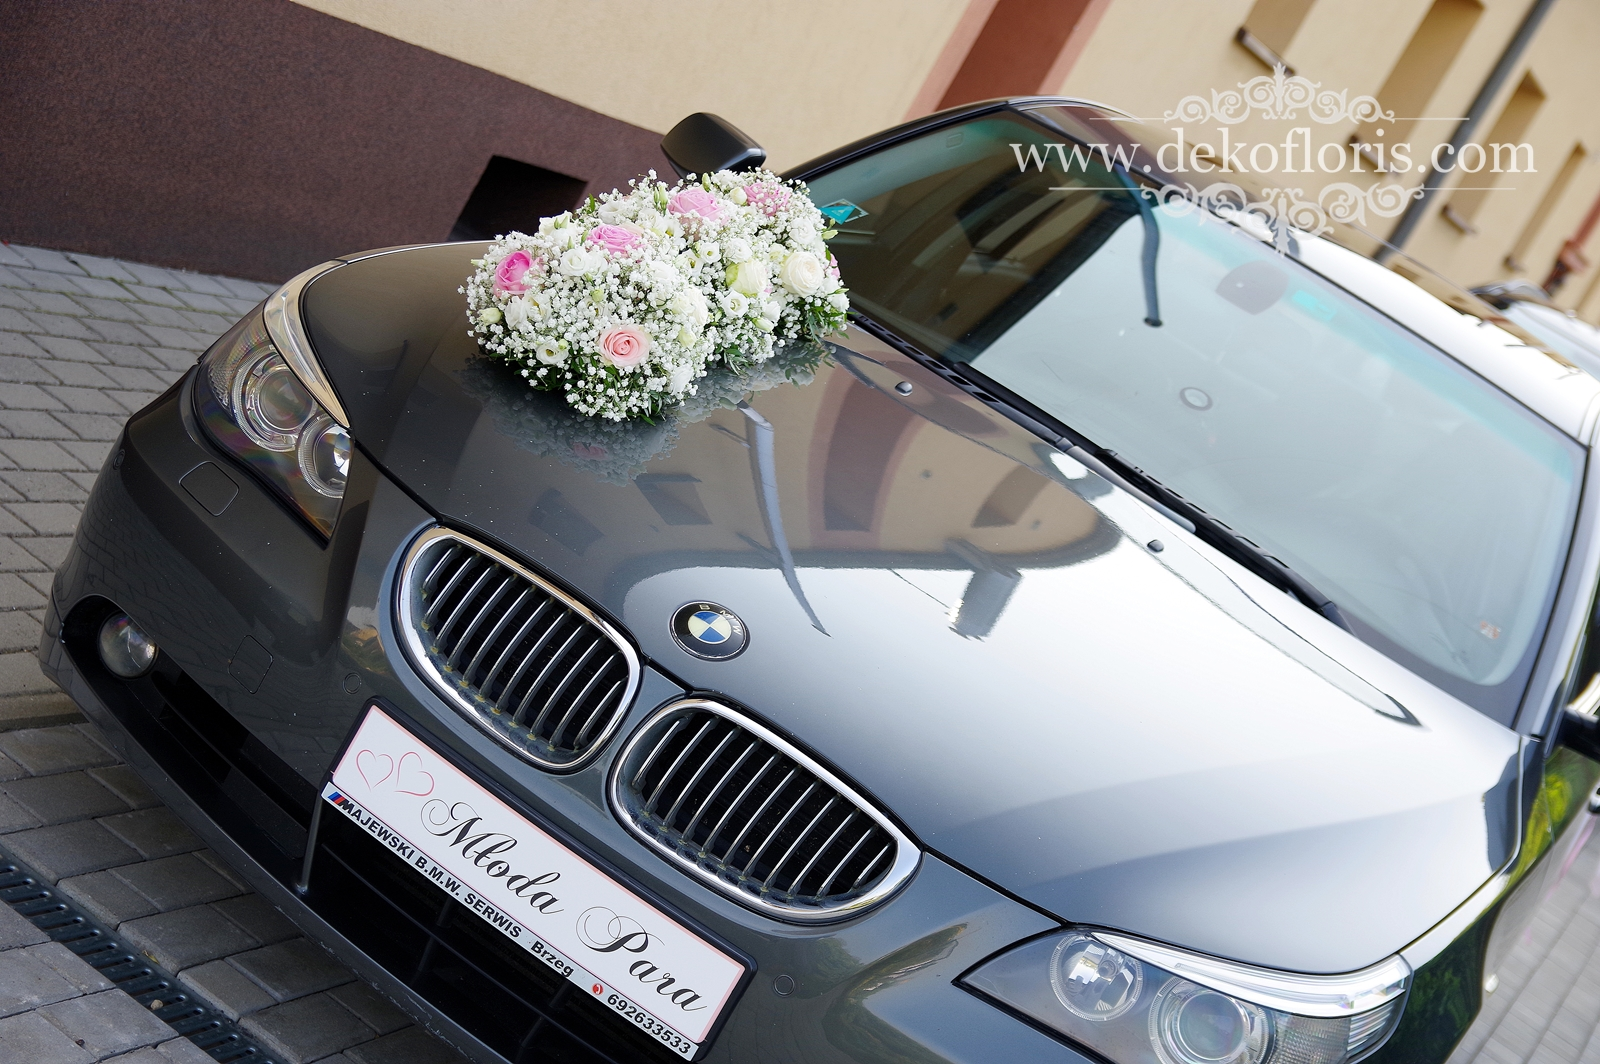 Dekoracja ślubnego samochodu - różowe róże i gipsówka - opolskie